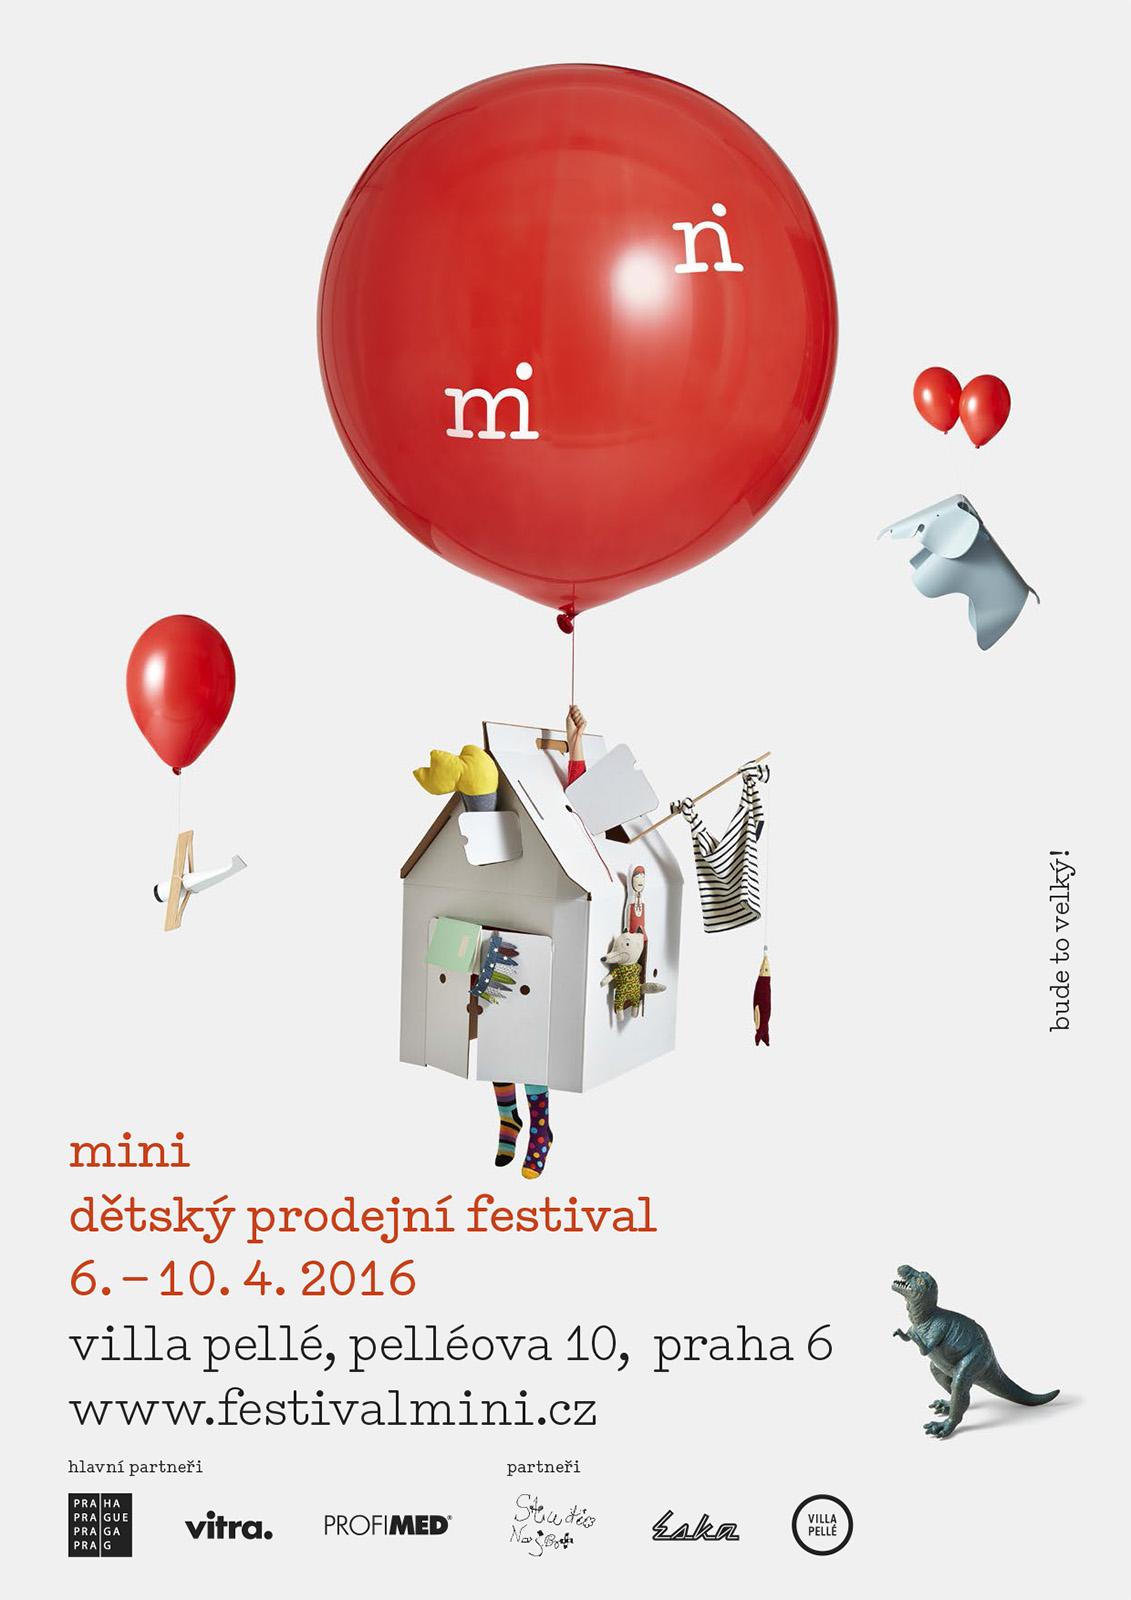 Mini dětský prodejní festival